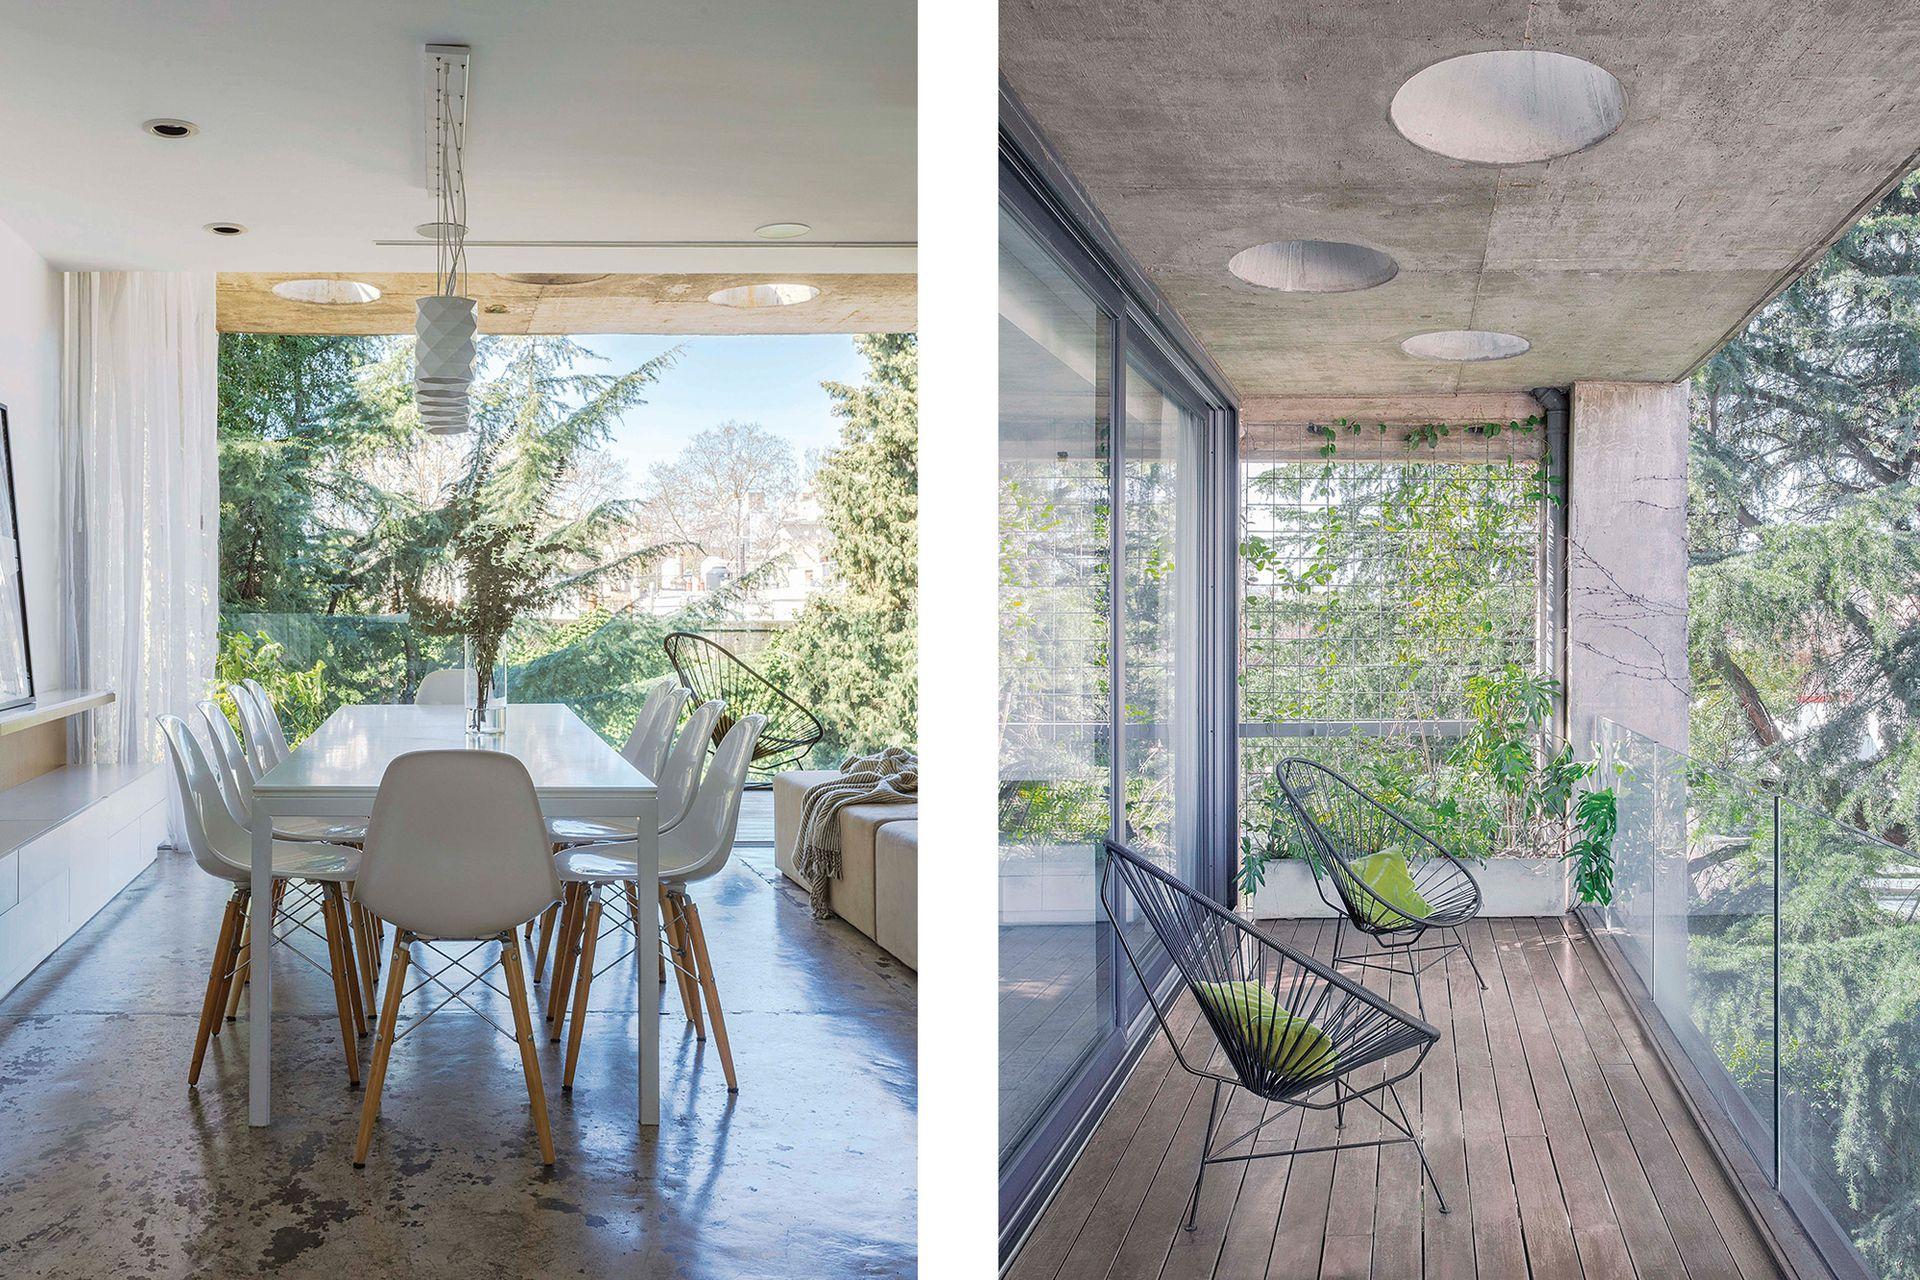 El cielo raso también esconde los conductos de aire acondicionado VRV, de altísima eficiencia energética, algo que complementan los ventanales con triple vidrio.